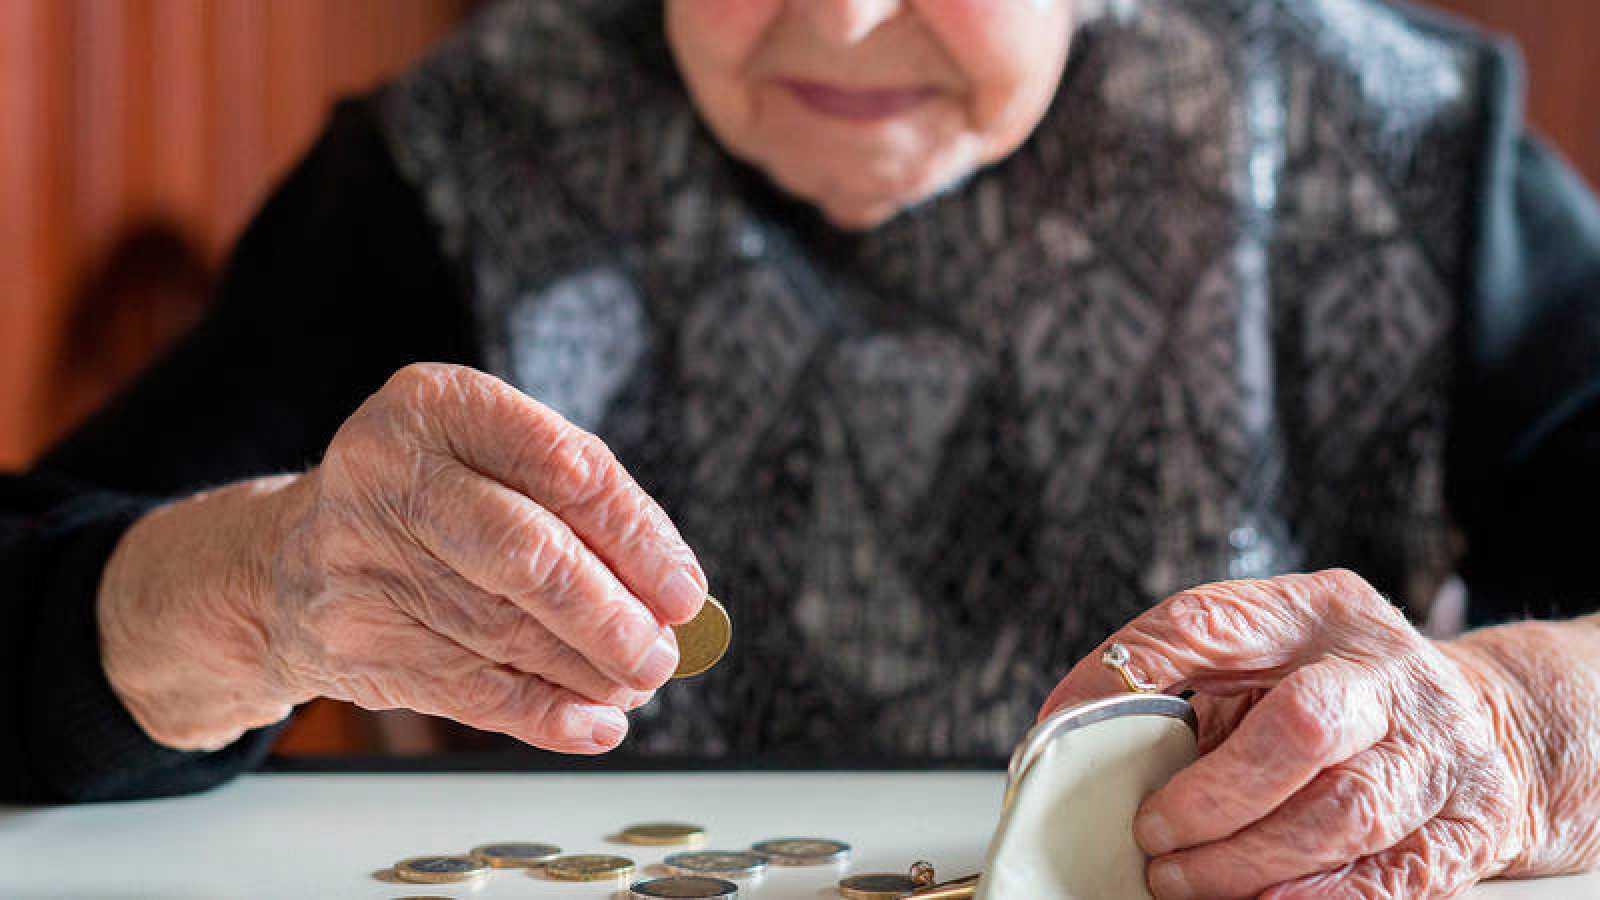 La Policía Nacional destapa un fraude de casi seis millones de euros mediante el cobro indebido de pensiones de personas fallecidas